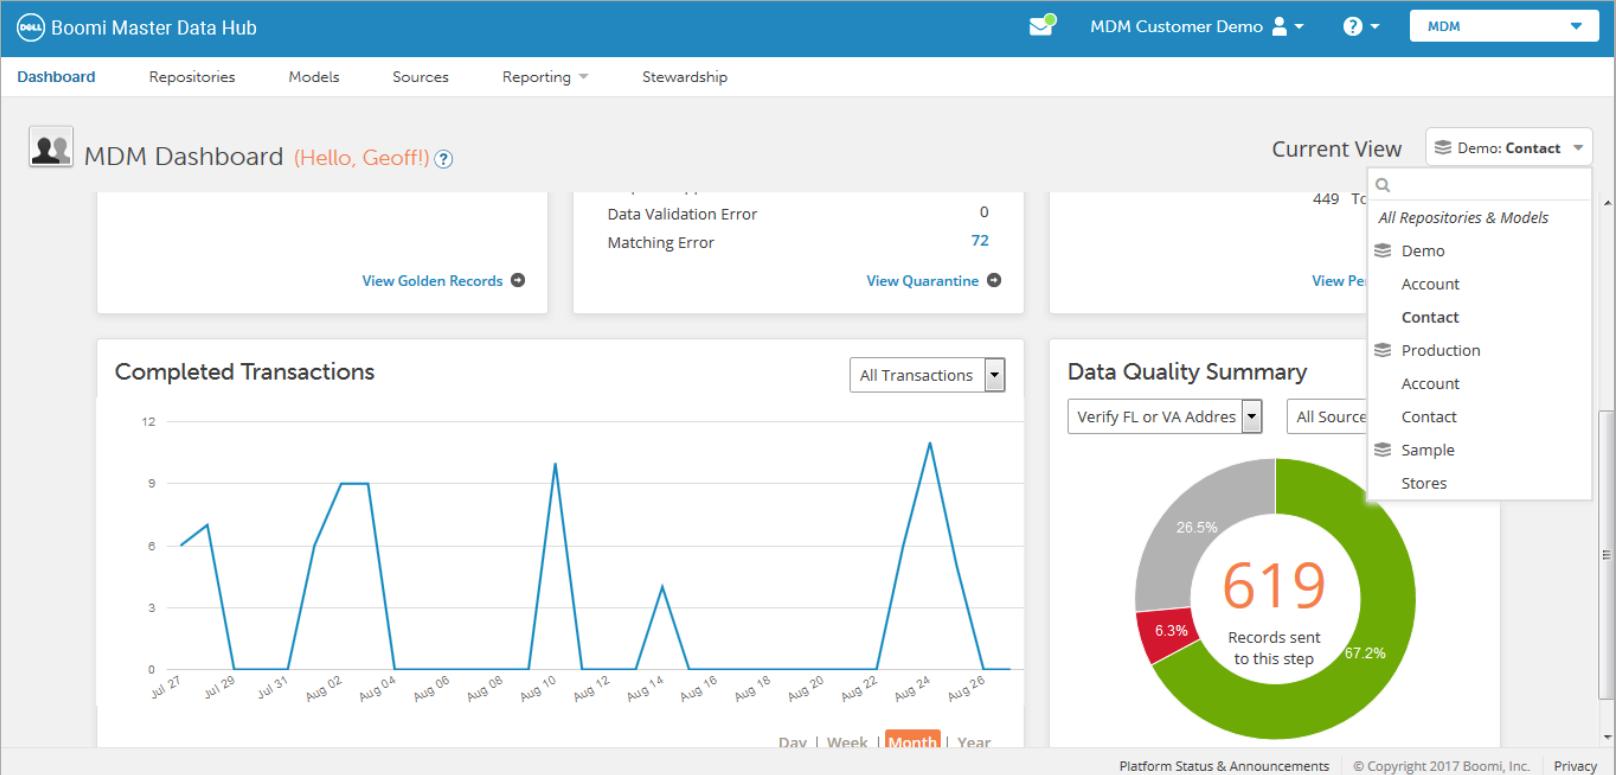 Boomi Software - Boomi Master Data Hub Dashboard